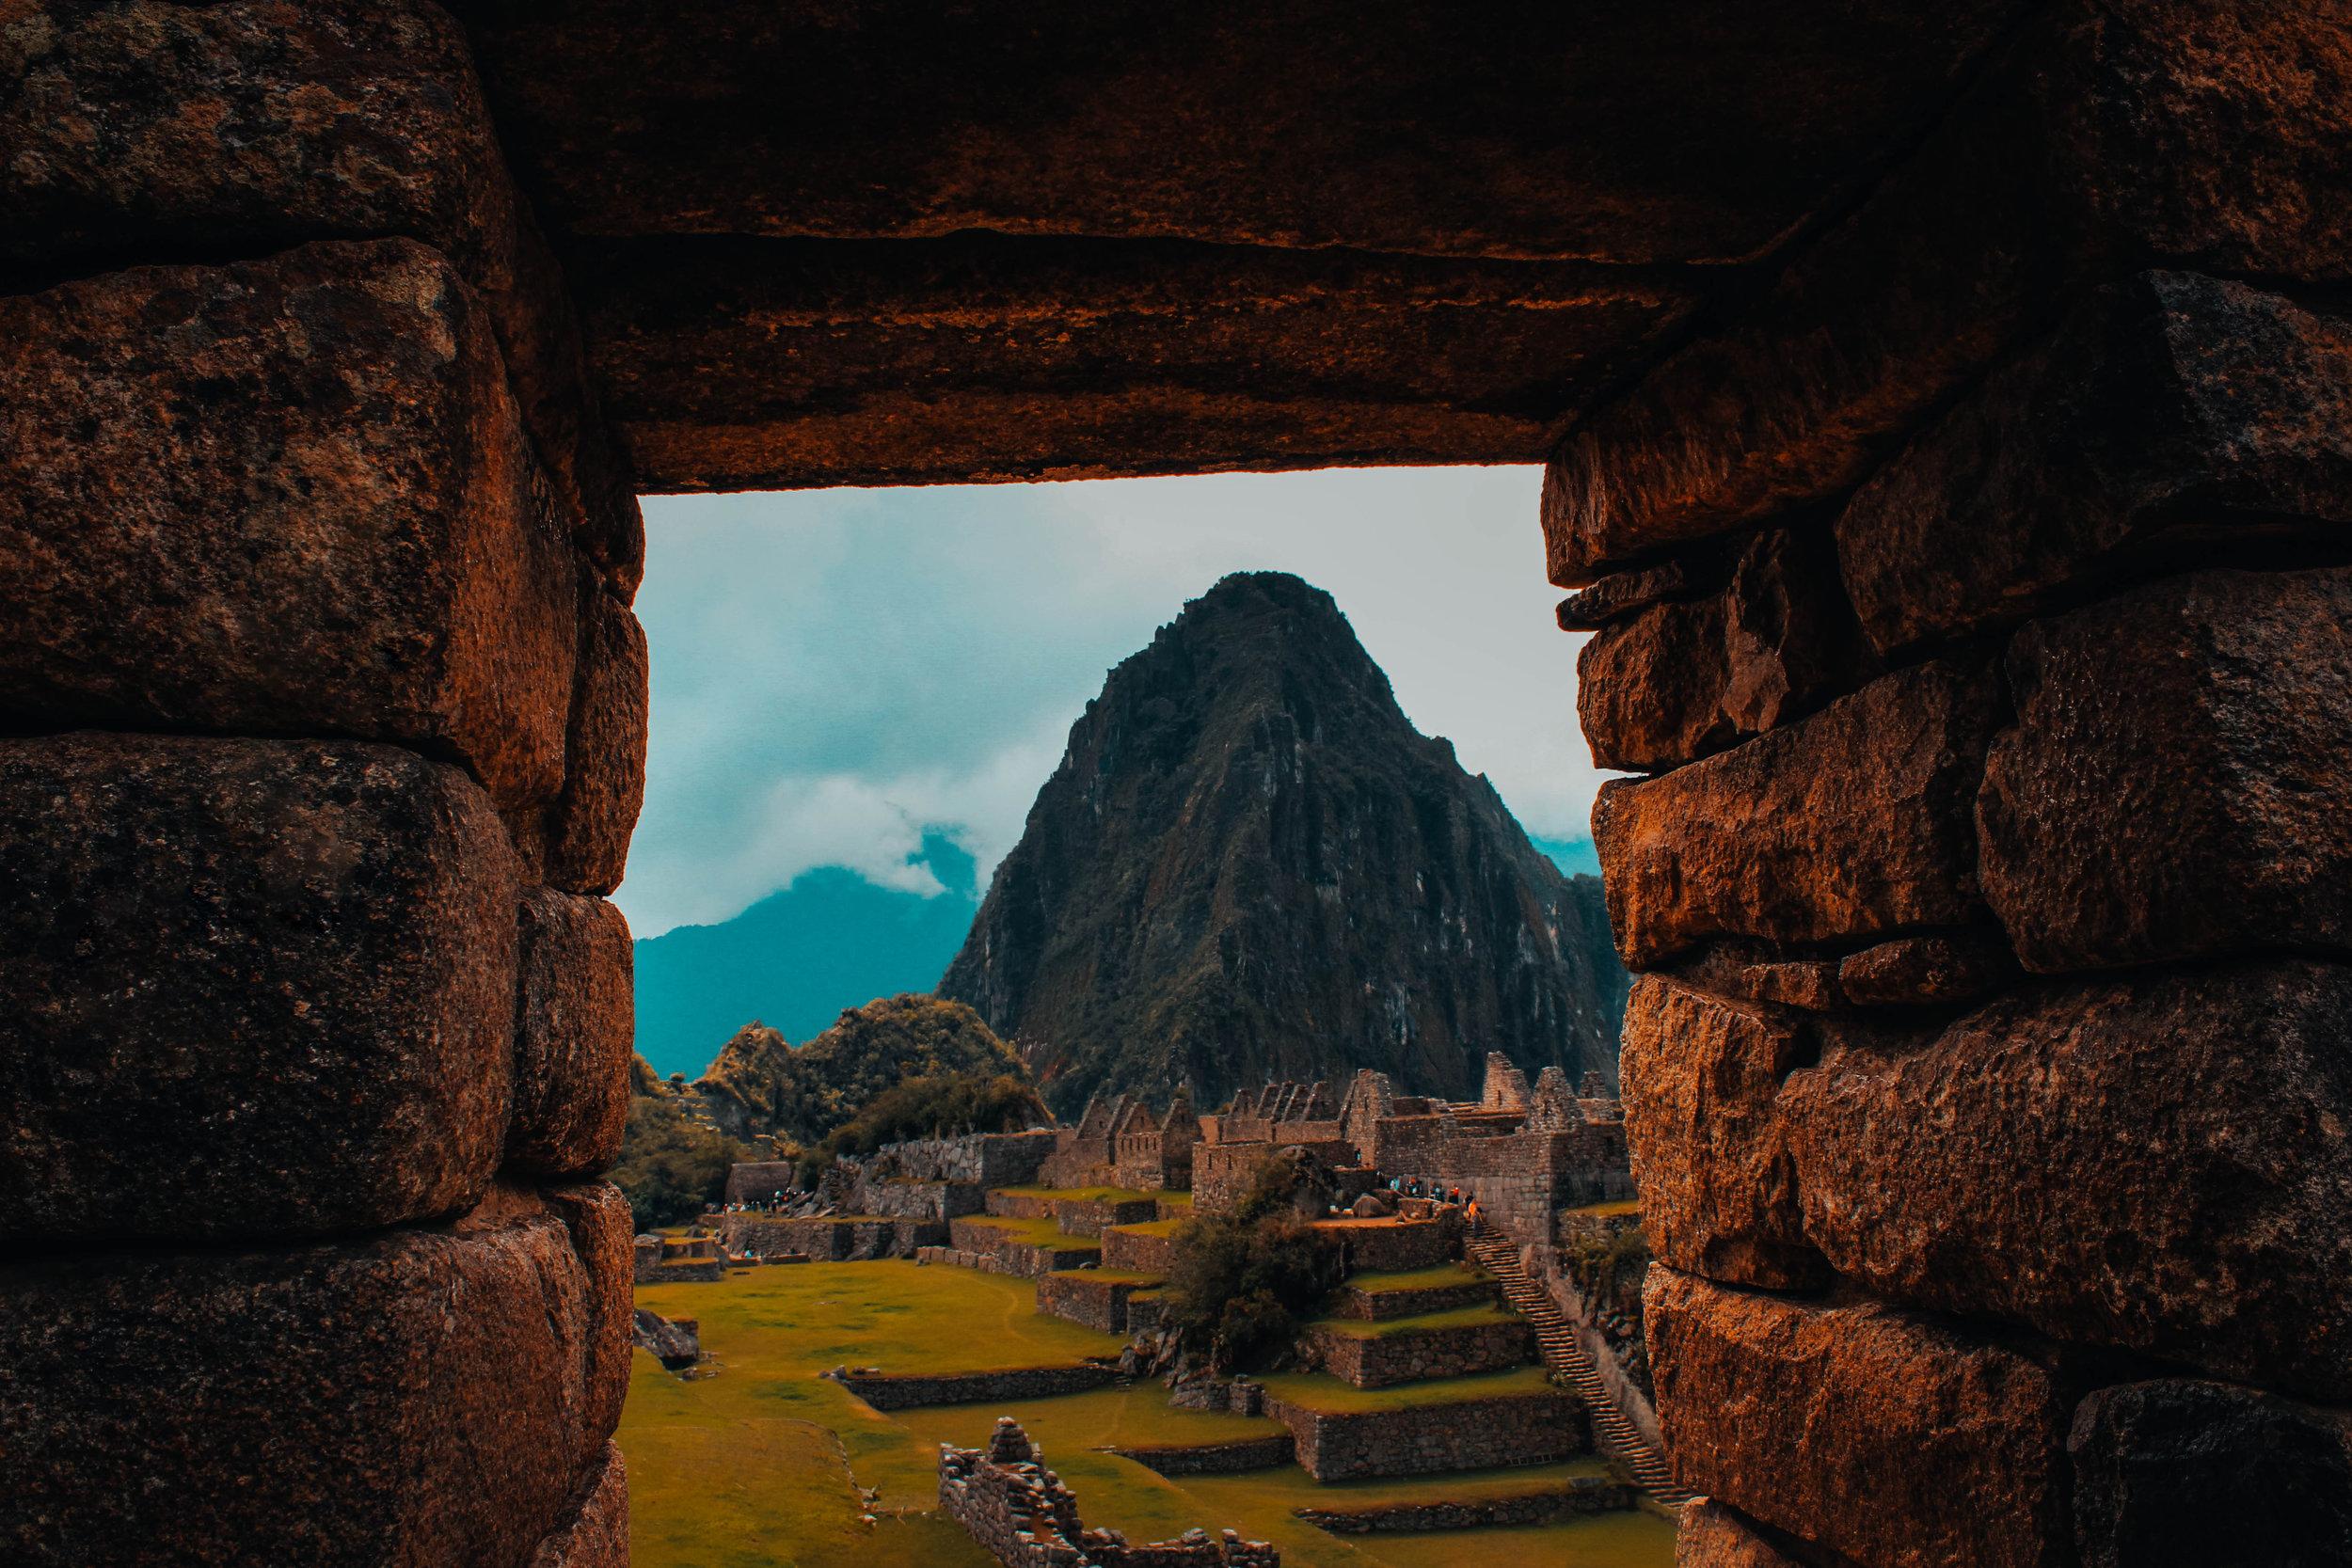 Cusco y Machu Picchu - Una de las mayores atracciones de Perú es Cusco y sus alrededores. En esta región puedes visitar la Montaña de los 7 Colores, tomar el tren o tours a Machu Picchu, recorrer el camino Inca, perderte en las calles del histórico y mágico Cusco. Visita el famoso Valle Sagrado y disfruta de sus vibras. No olvides visitar Mama Áfrika cuando estés de fiesta en Cusco. Los mercados de los domingos en Cusco son una experiencia única. Aguascalientes es el pueblo base para subir a Machu Picchu y merece al menos una noche para disfrutar de su encanto.